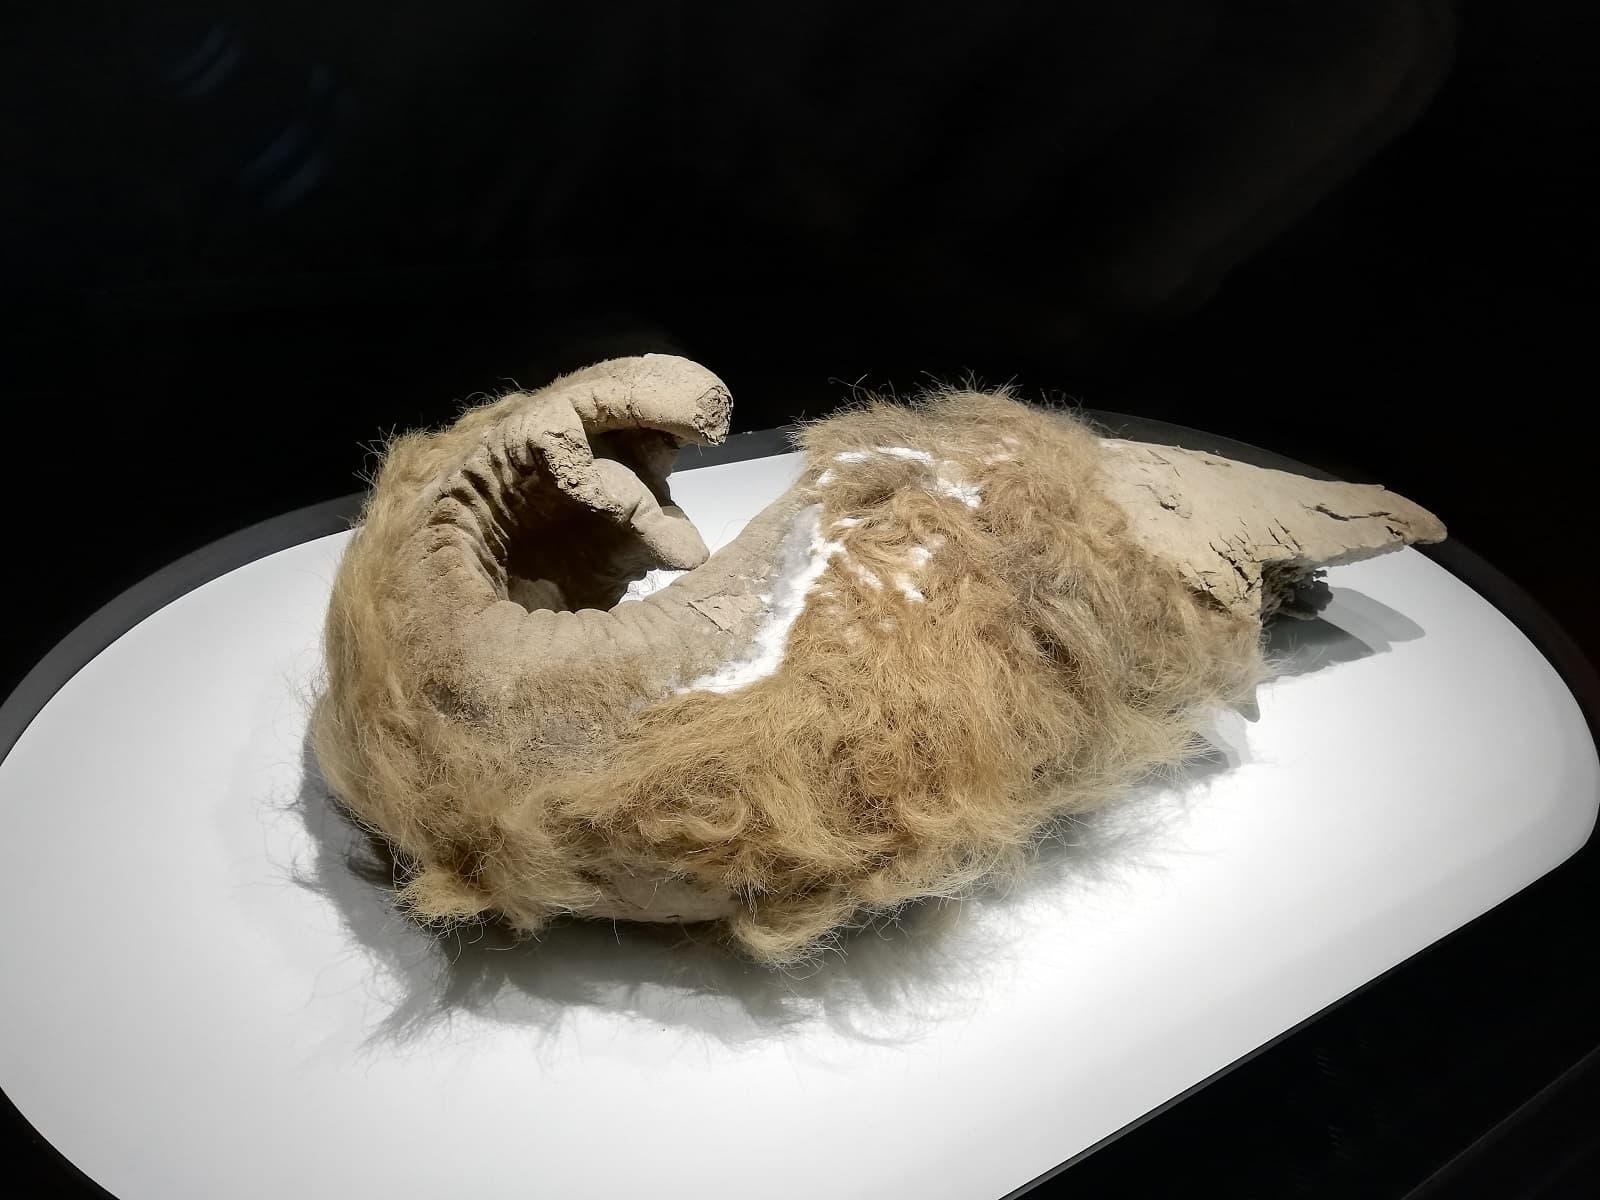 マンモスの鼻の冷凍標本